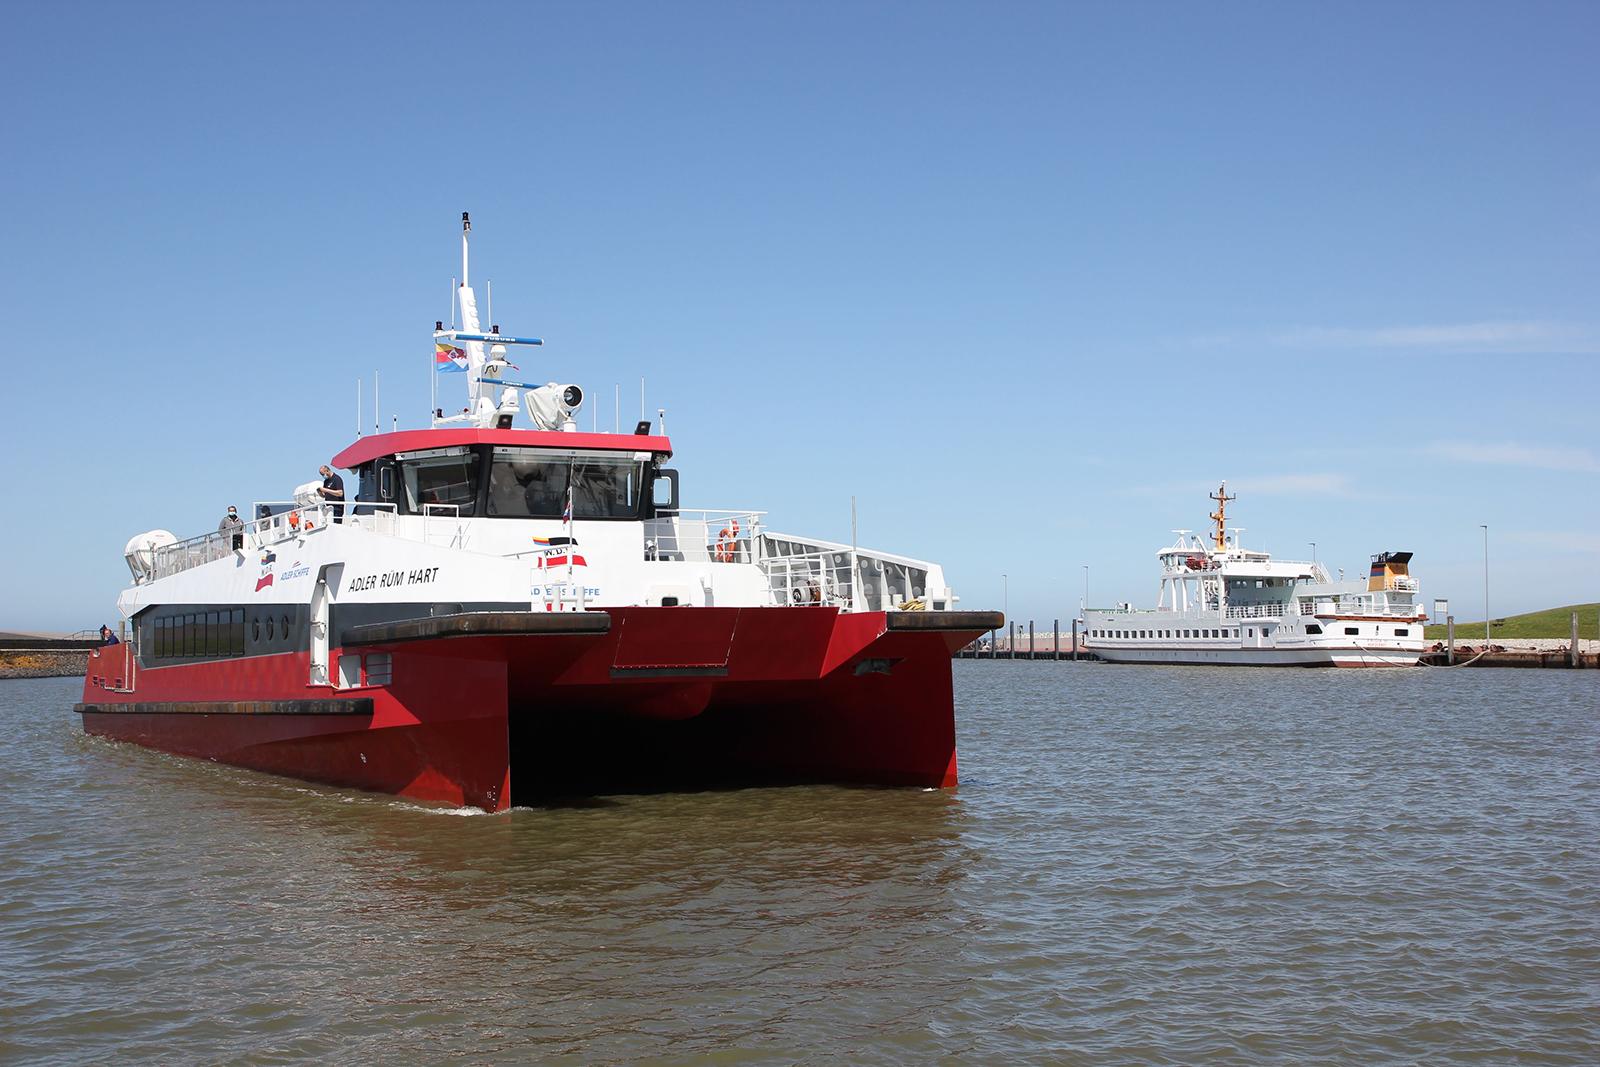 Die Rüm Hart bei der Einfahrt in den Hafen von Norddeich. Rechts zu sehen: die Frisia XI der Reederei Frisia